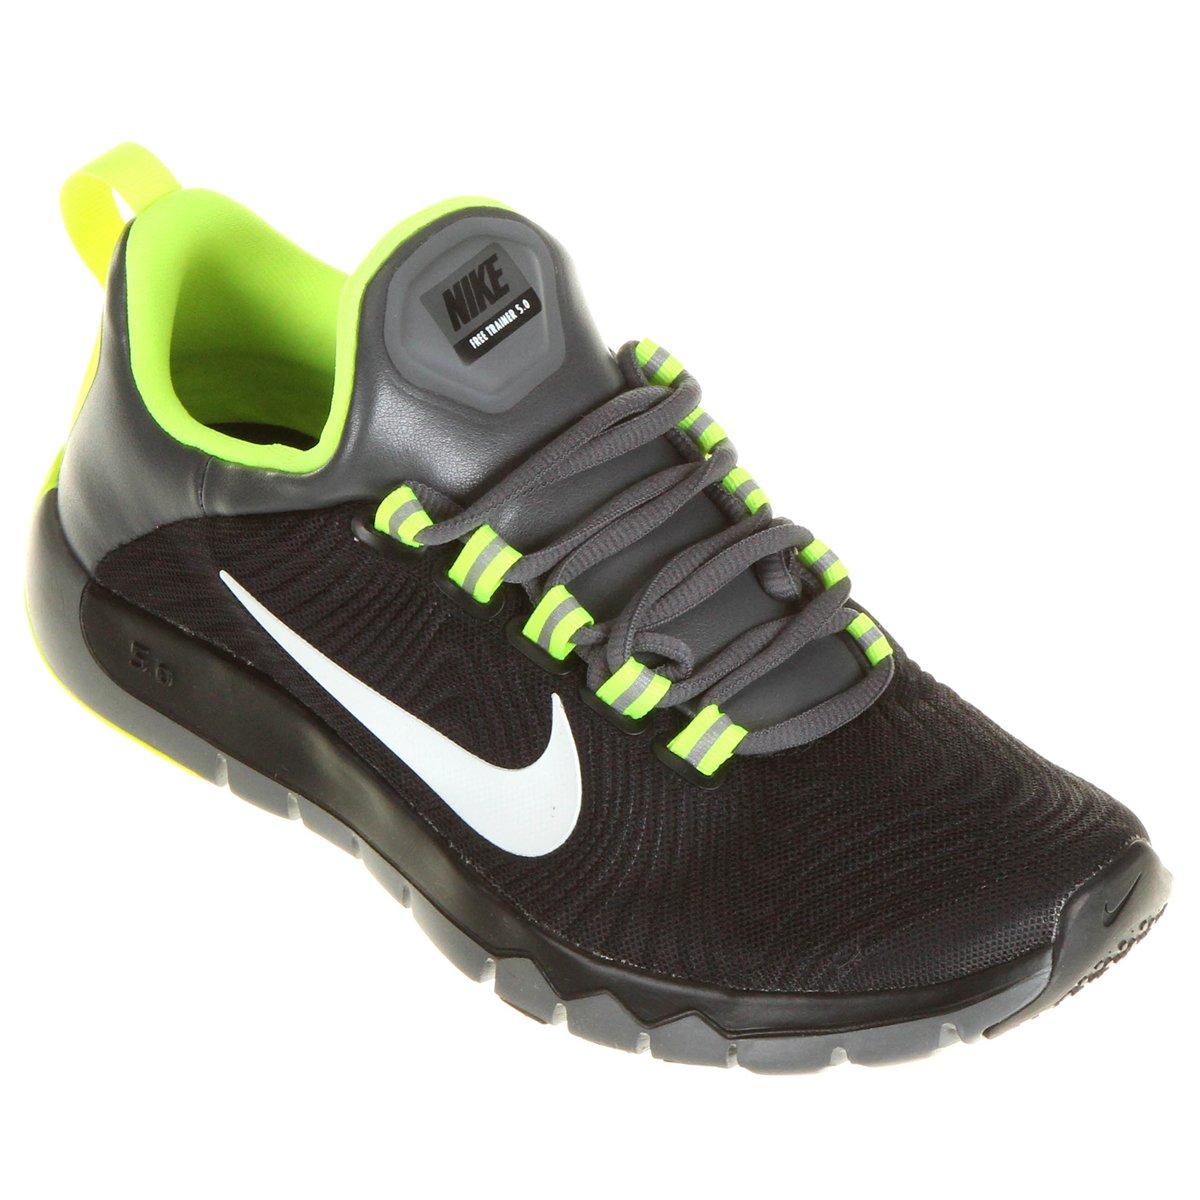 49fc4f52097 Tênis Nike Free Trainer 5.0 - Compre Agora